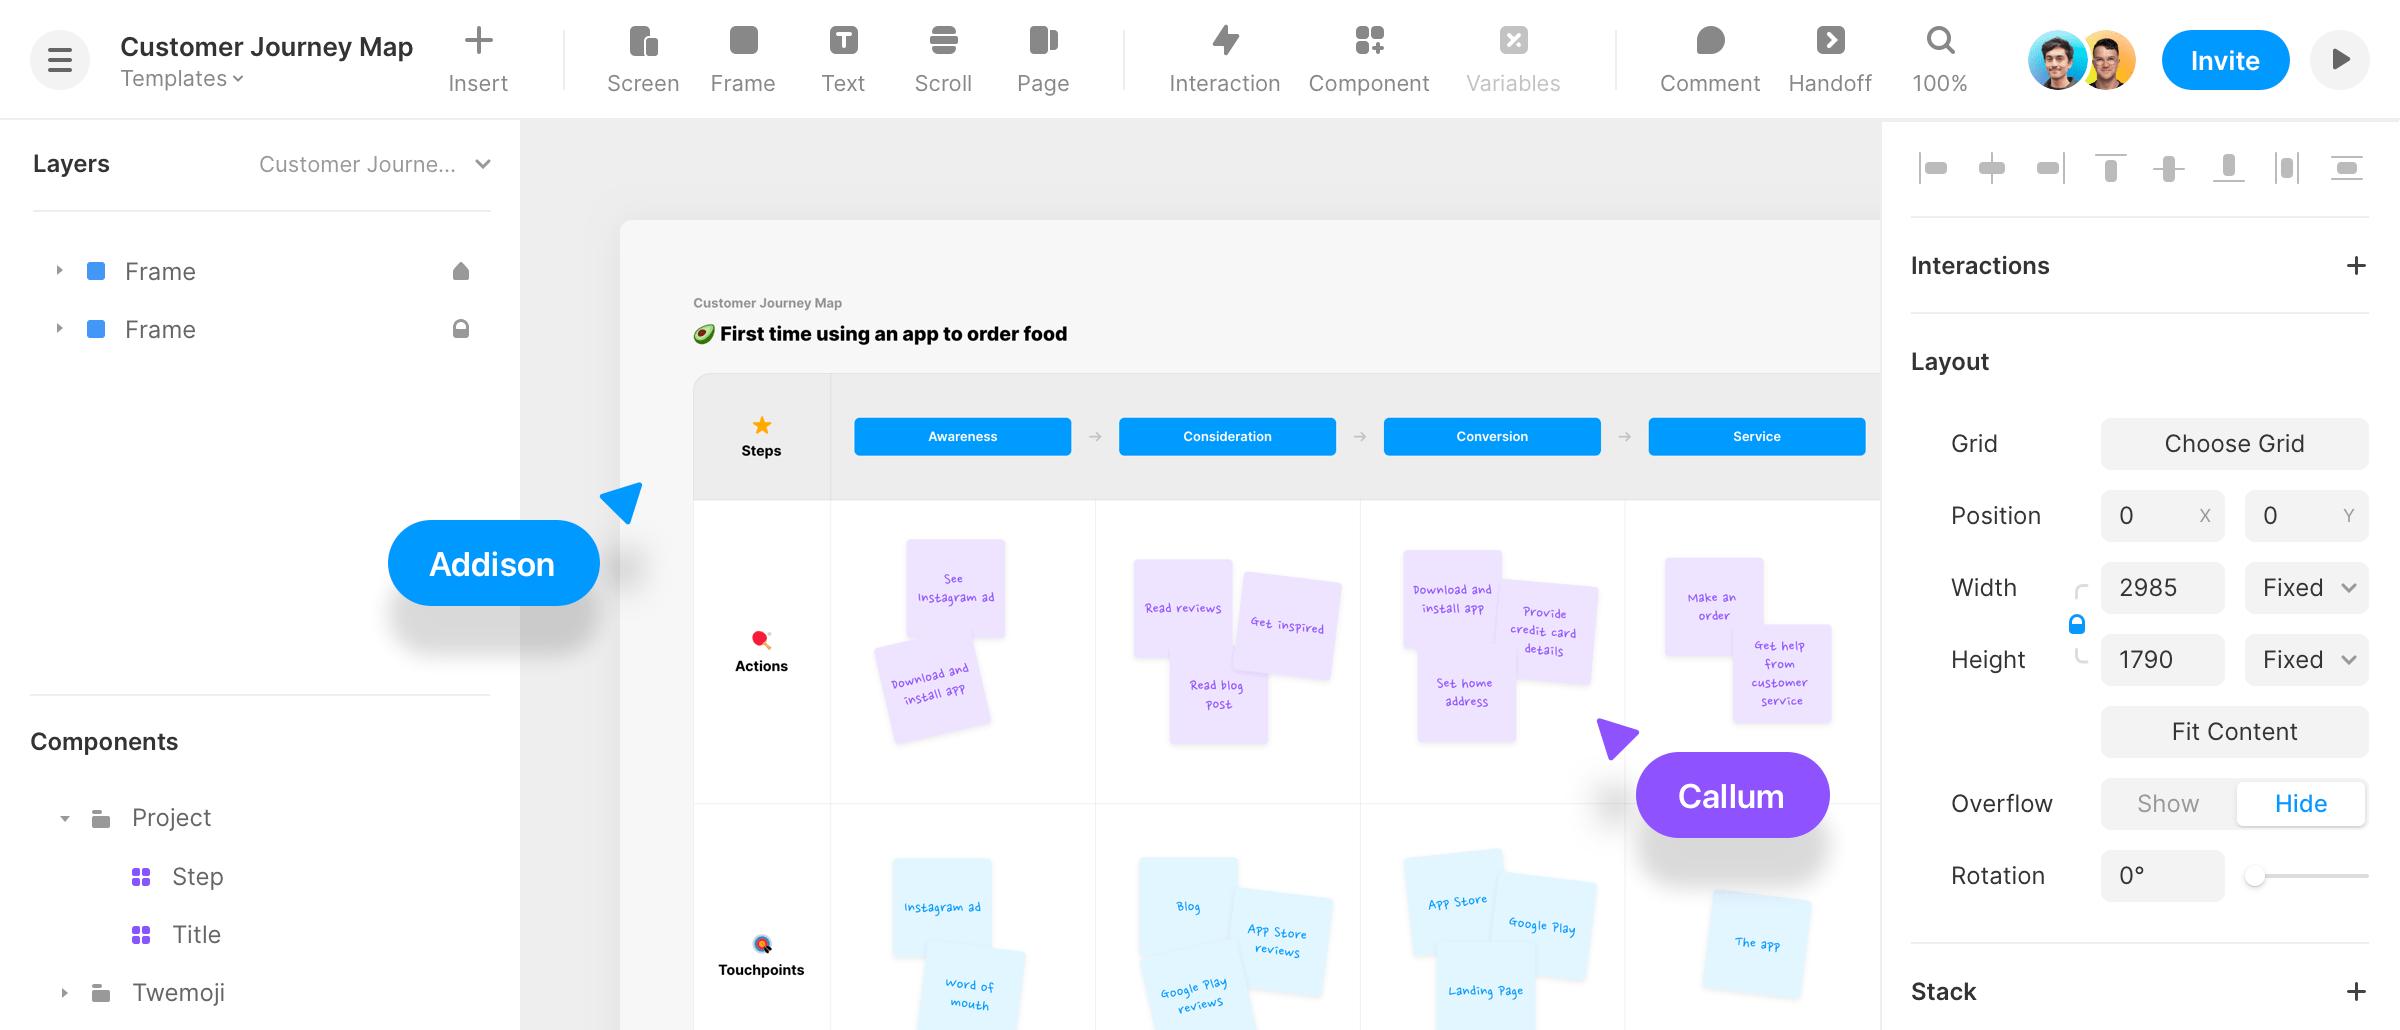 Customer journey map template in Framer